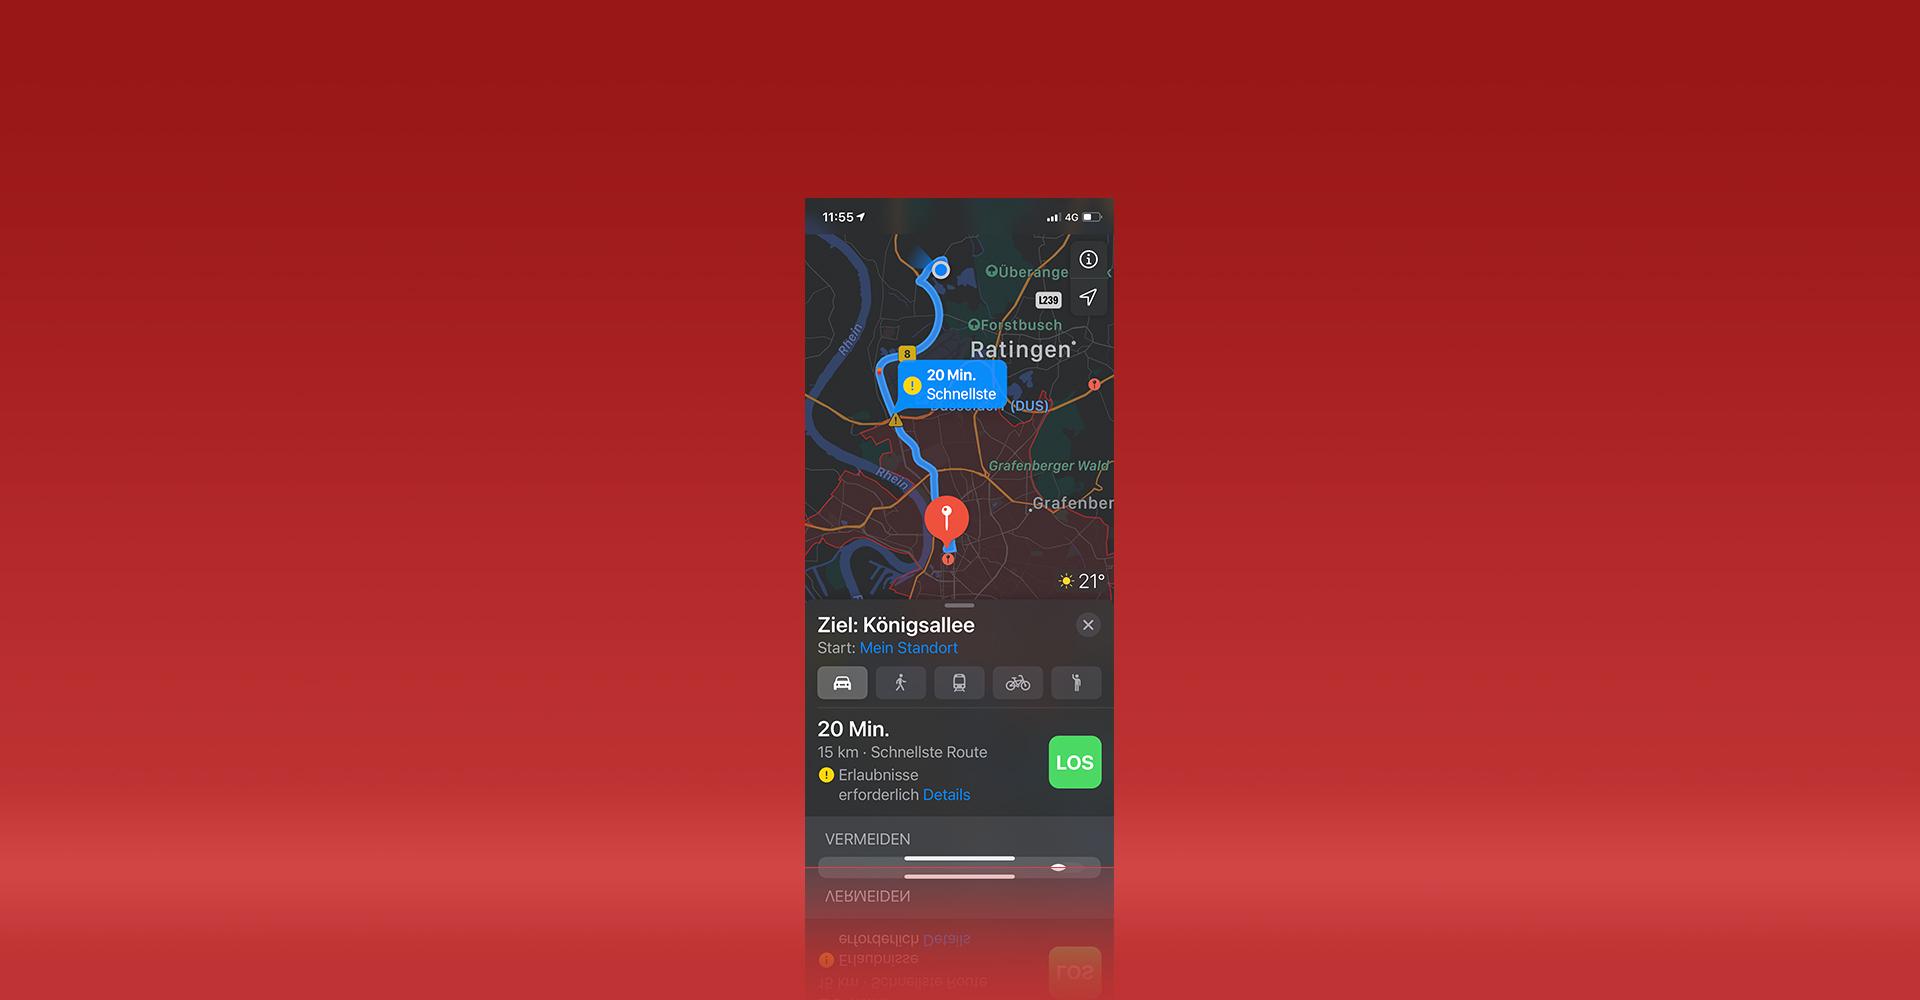 Routenführung und Stauumfahrung in Apple Karten